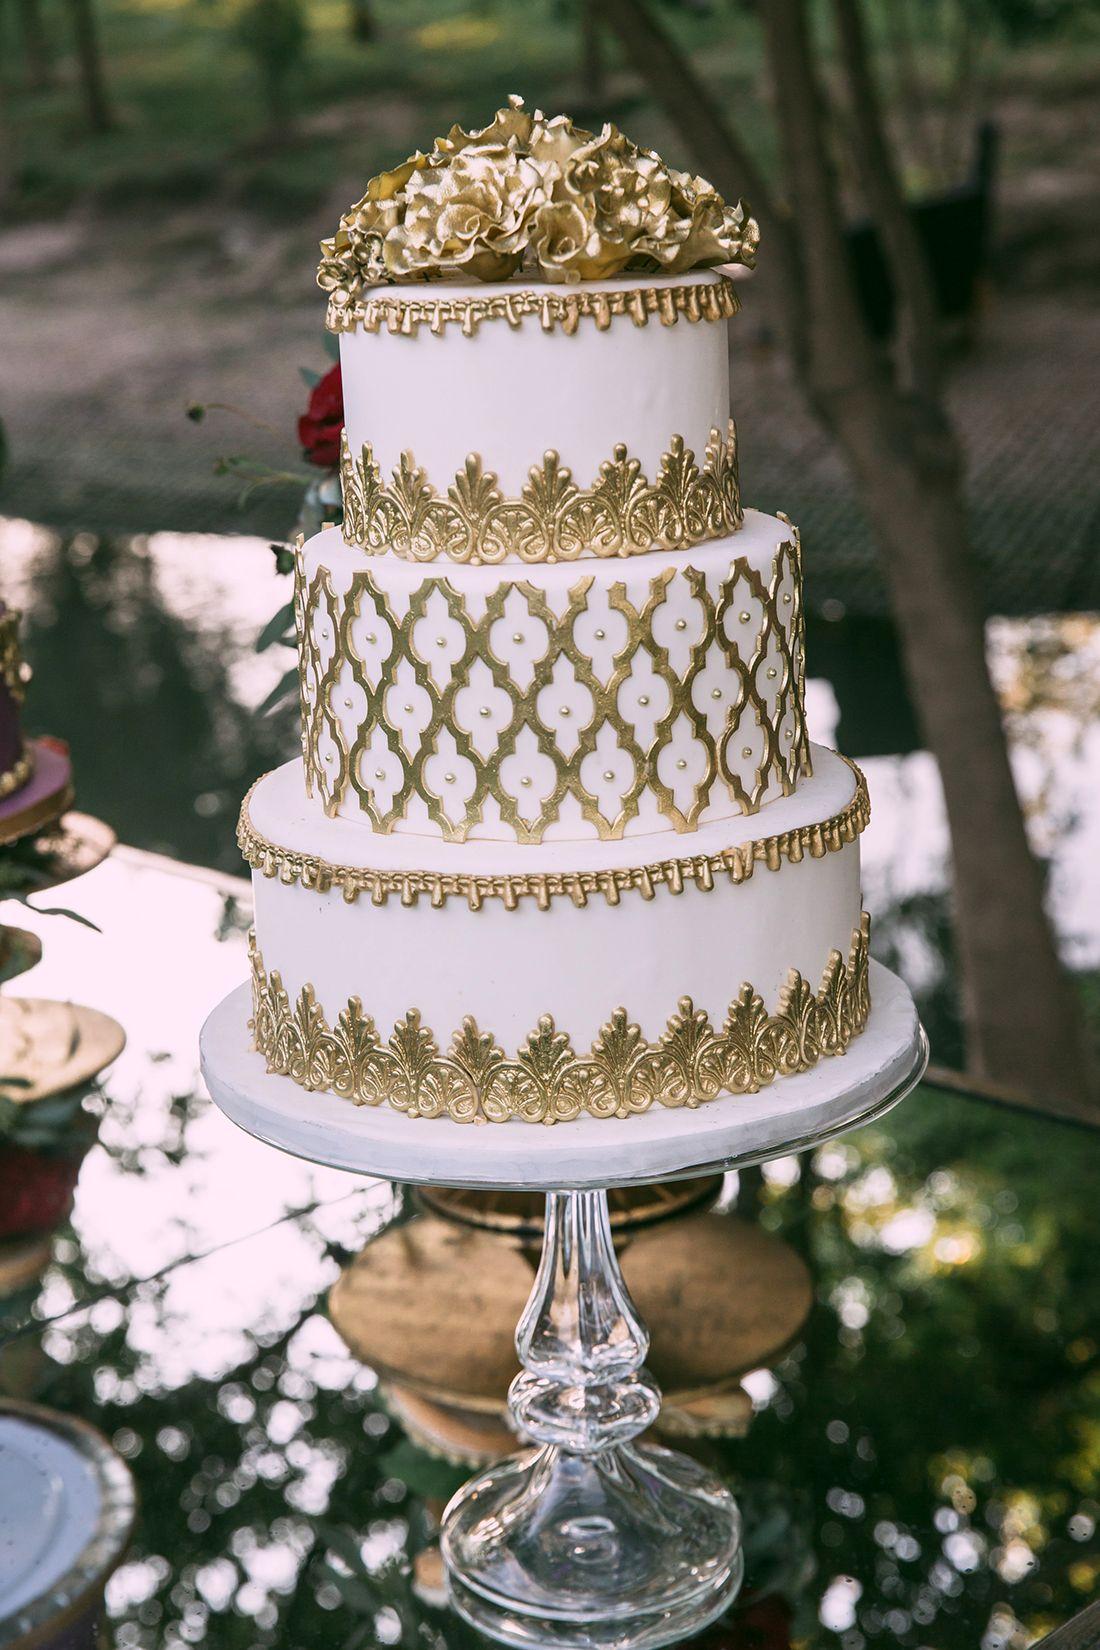 White Gold Wedding Cake Three Layered Cake Gold Detailing